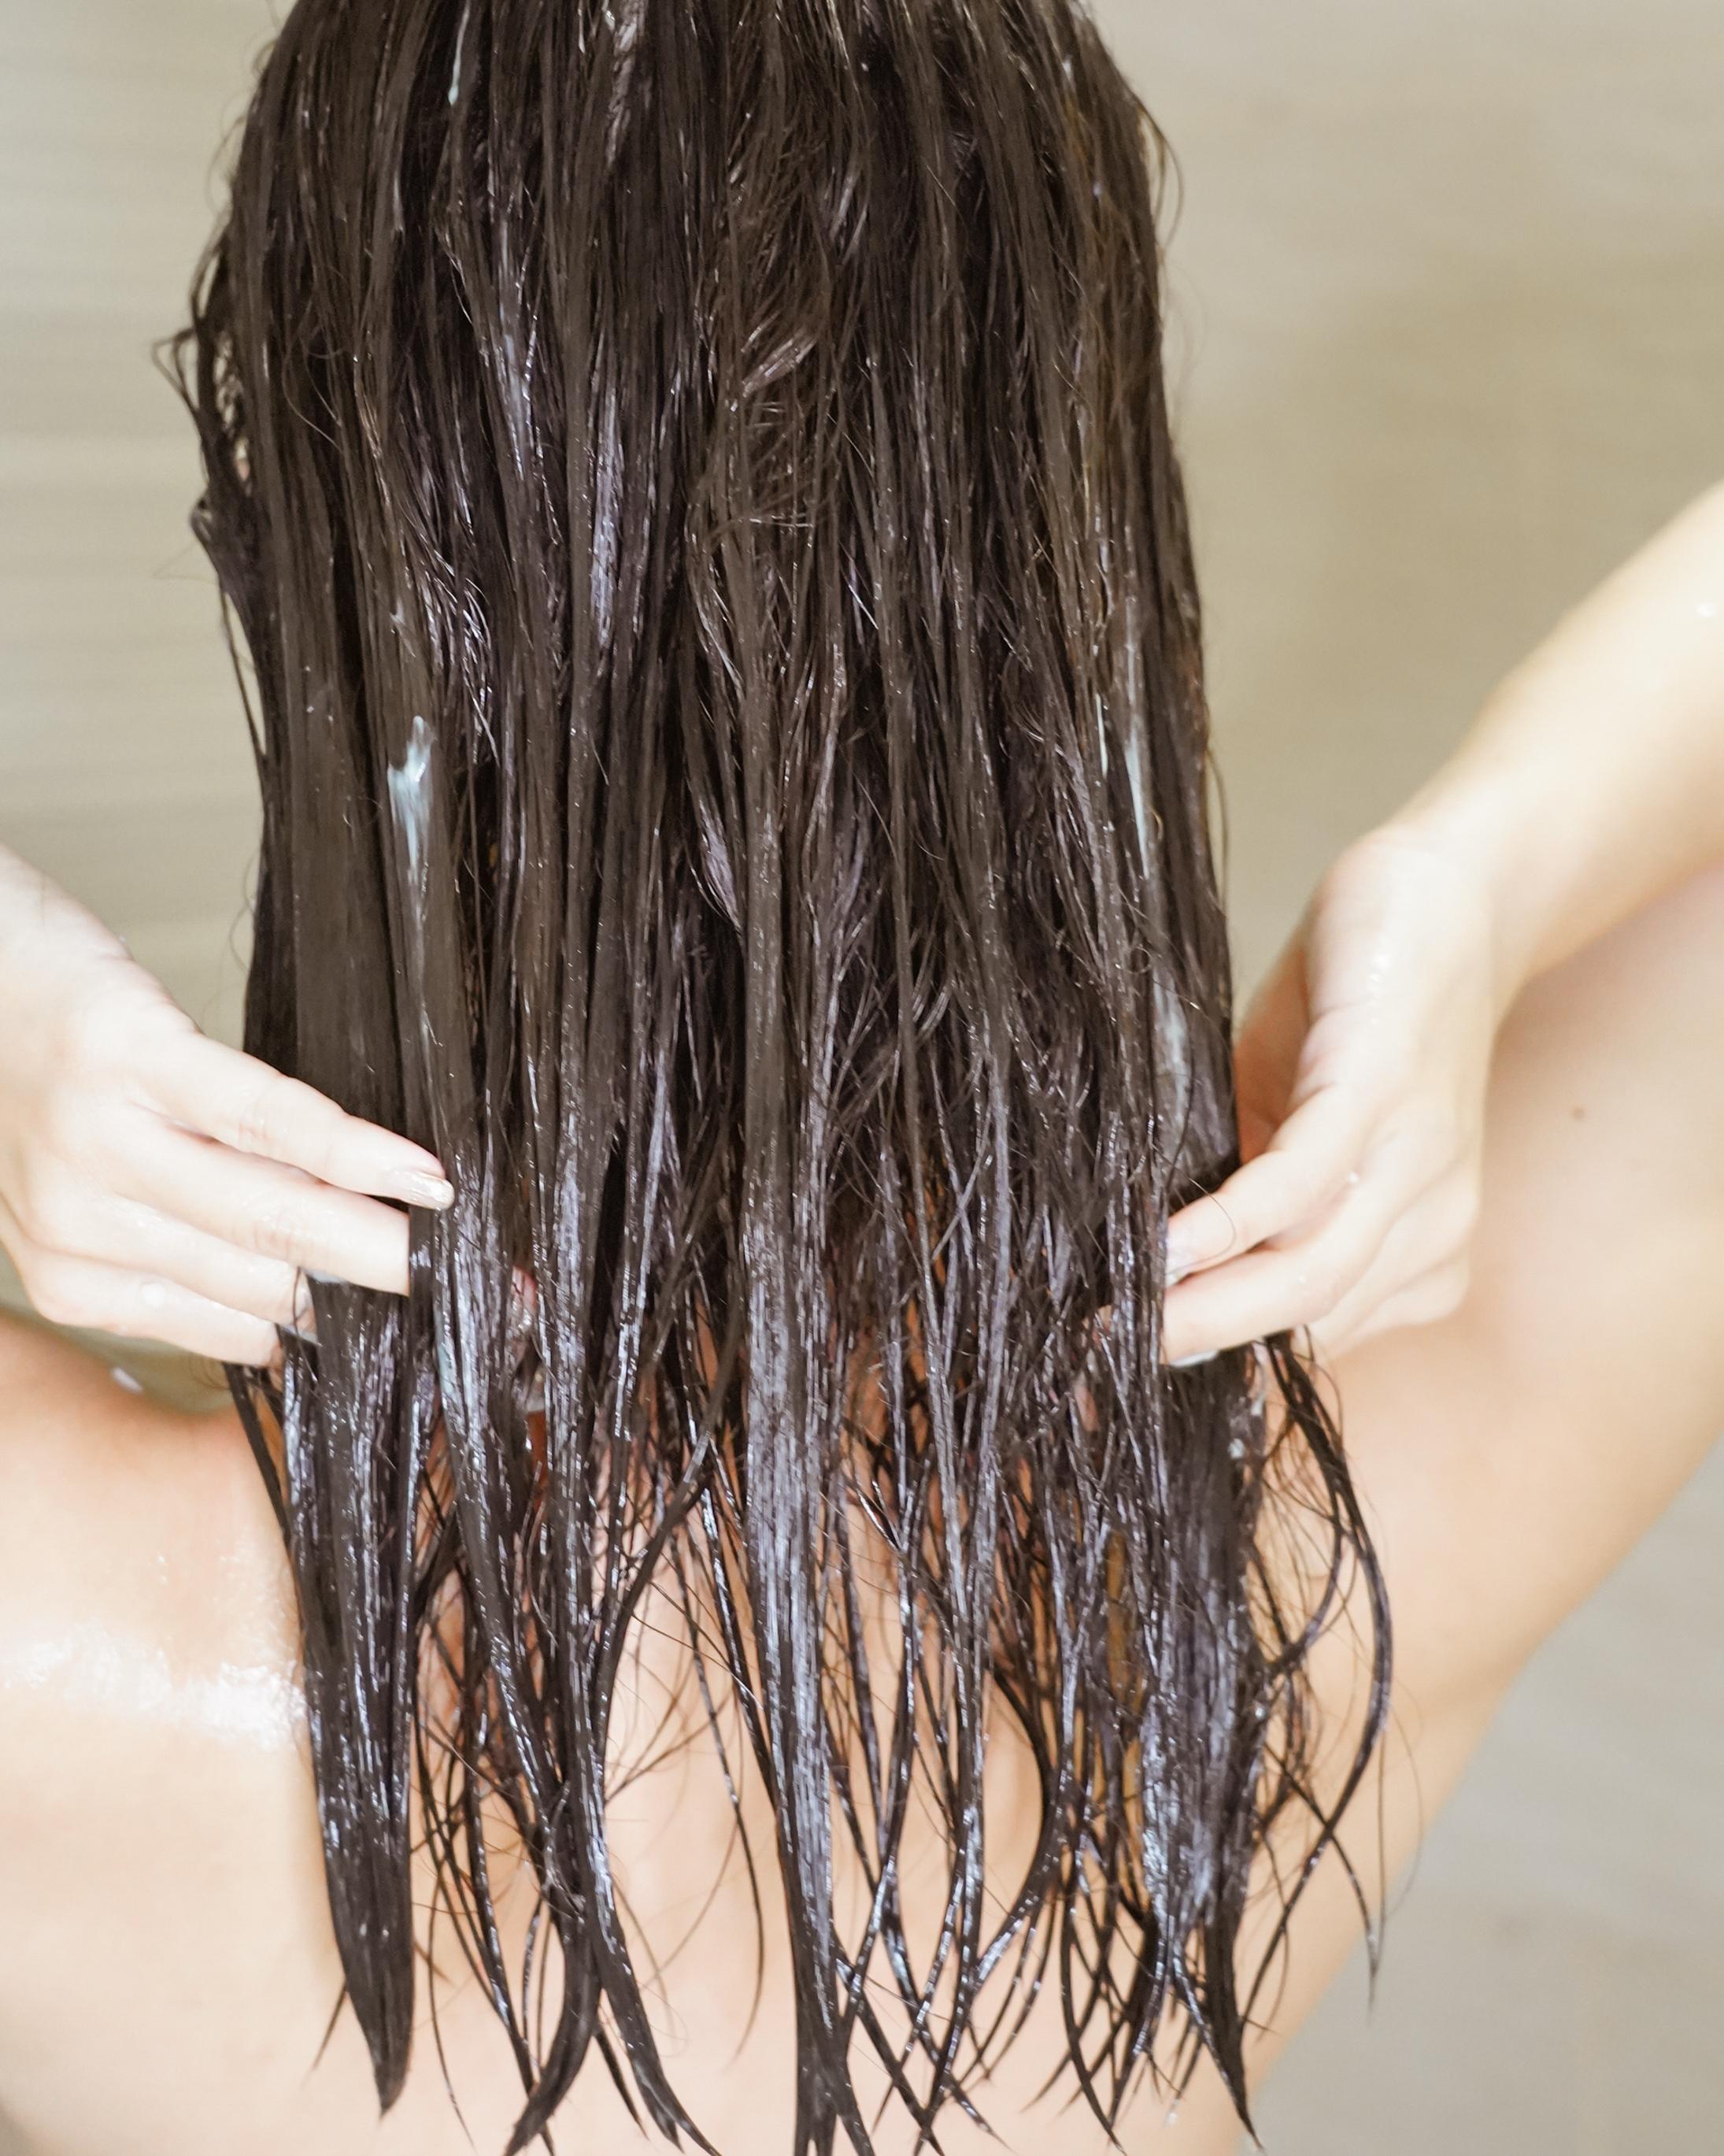 髮況皇后 LIKEY 萊客 洗髮精 護髮膜 精華露 打造輕柔秀髮三步驟12.JPG